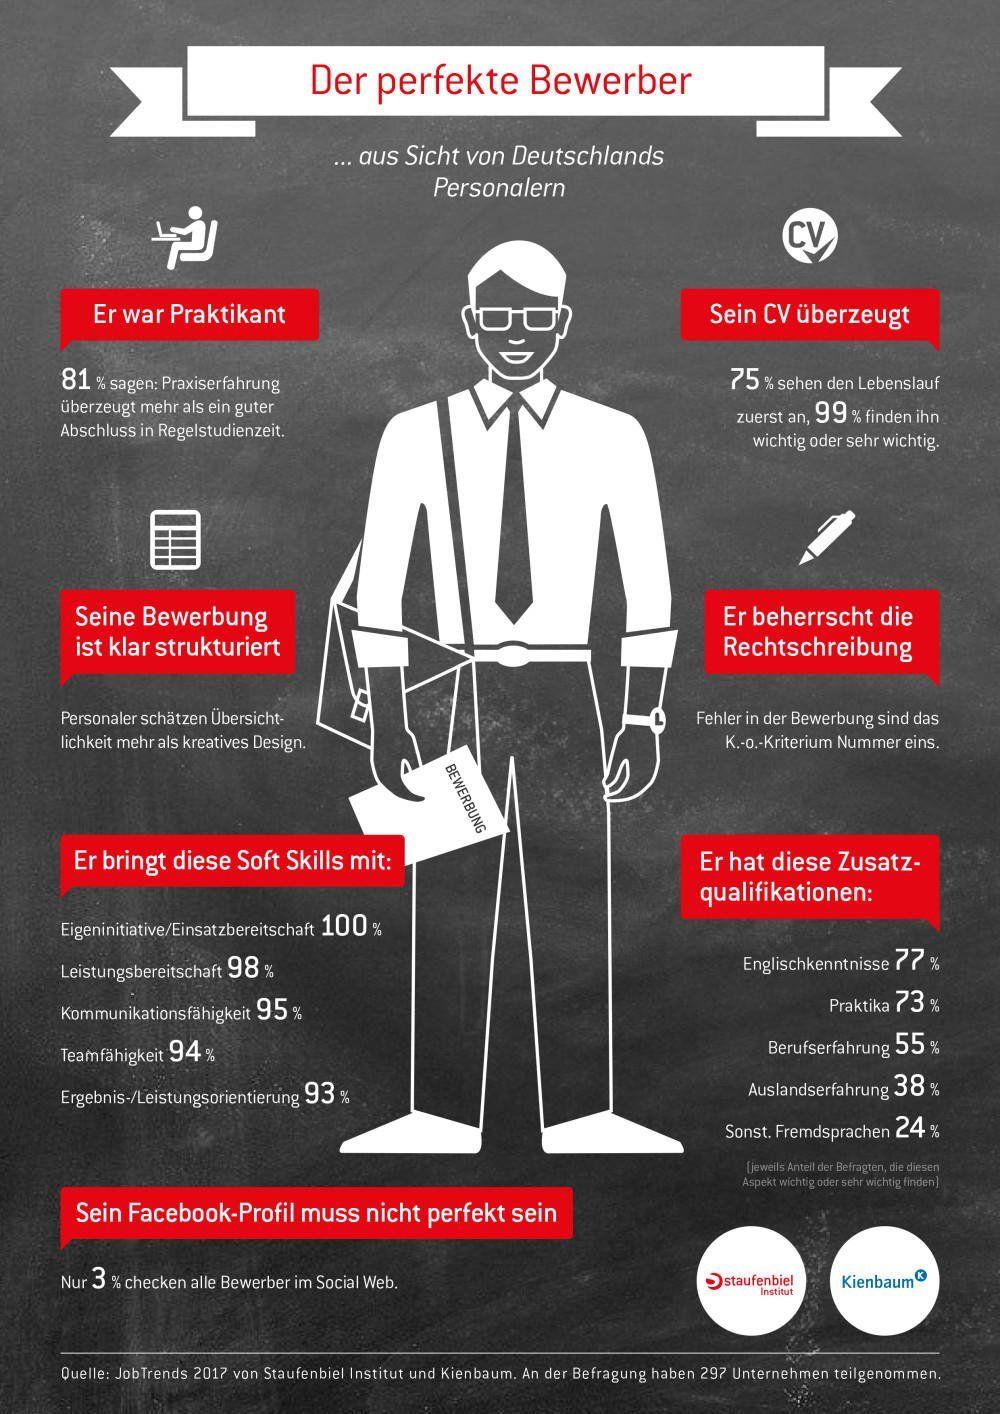 Für #jobs gibt es doch den perfekten Mitarbeiter. Trend gefährlich dass # Englisch vor